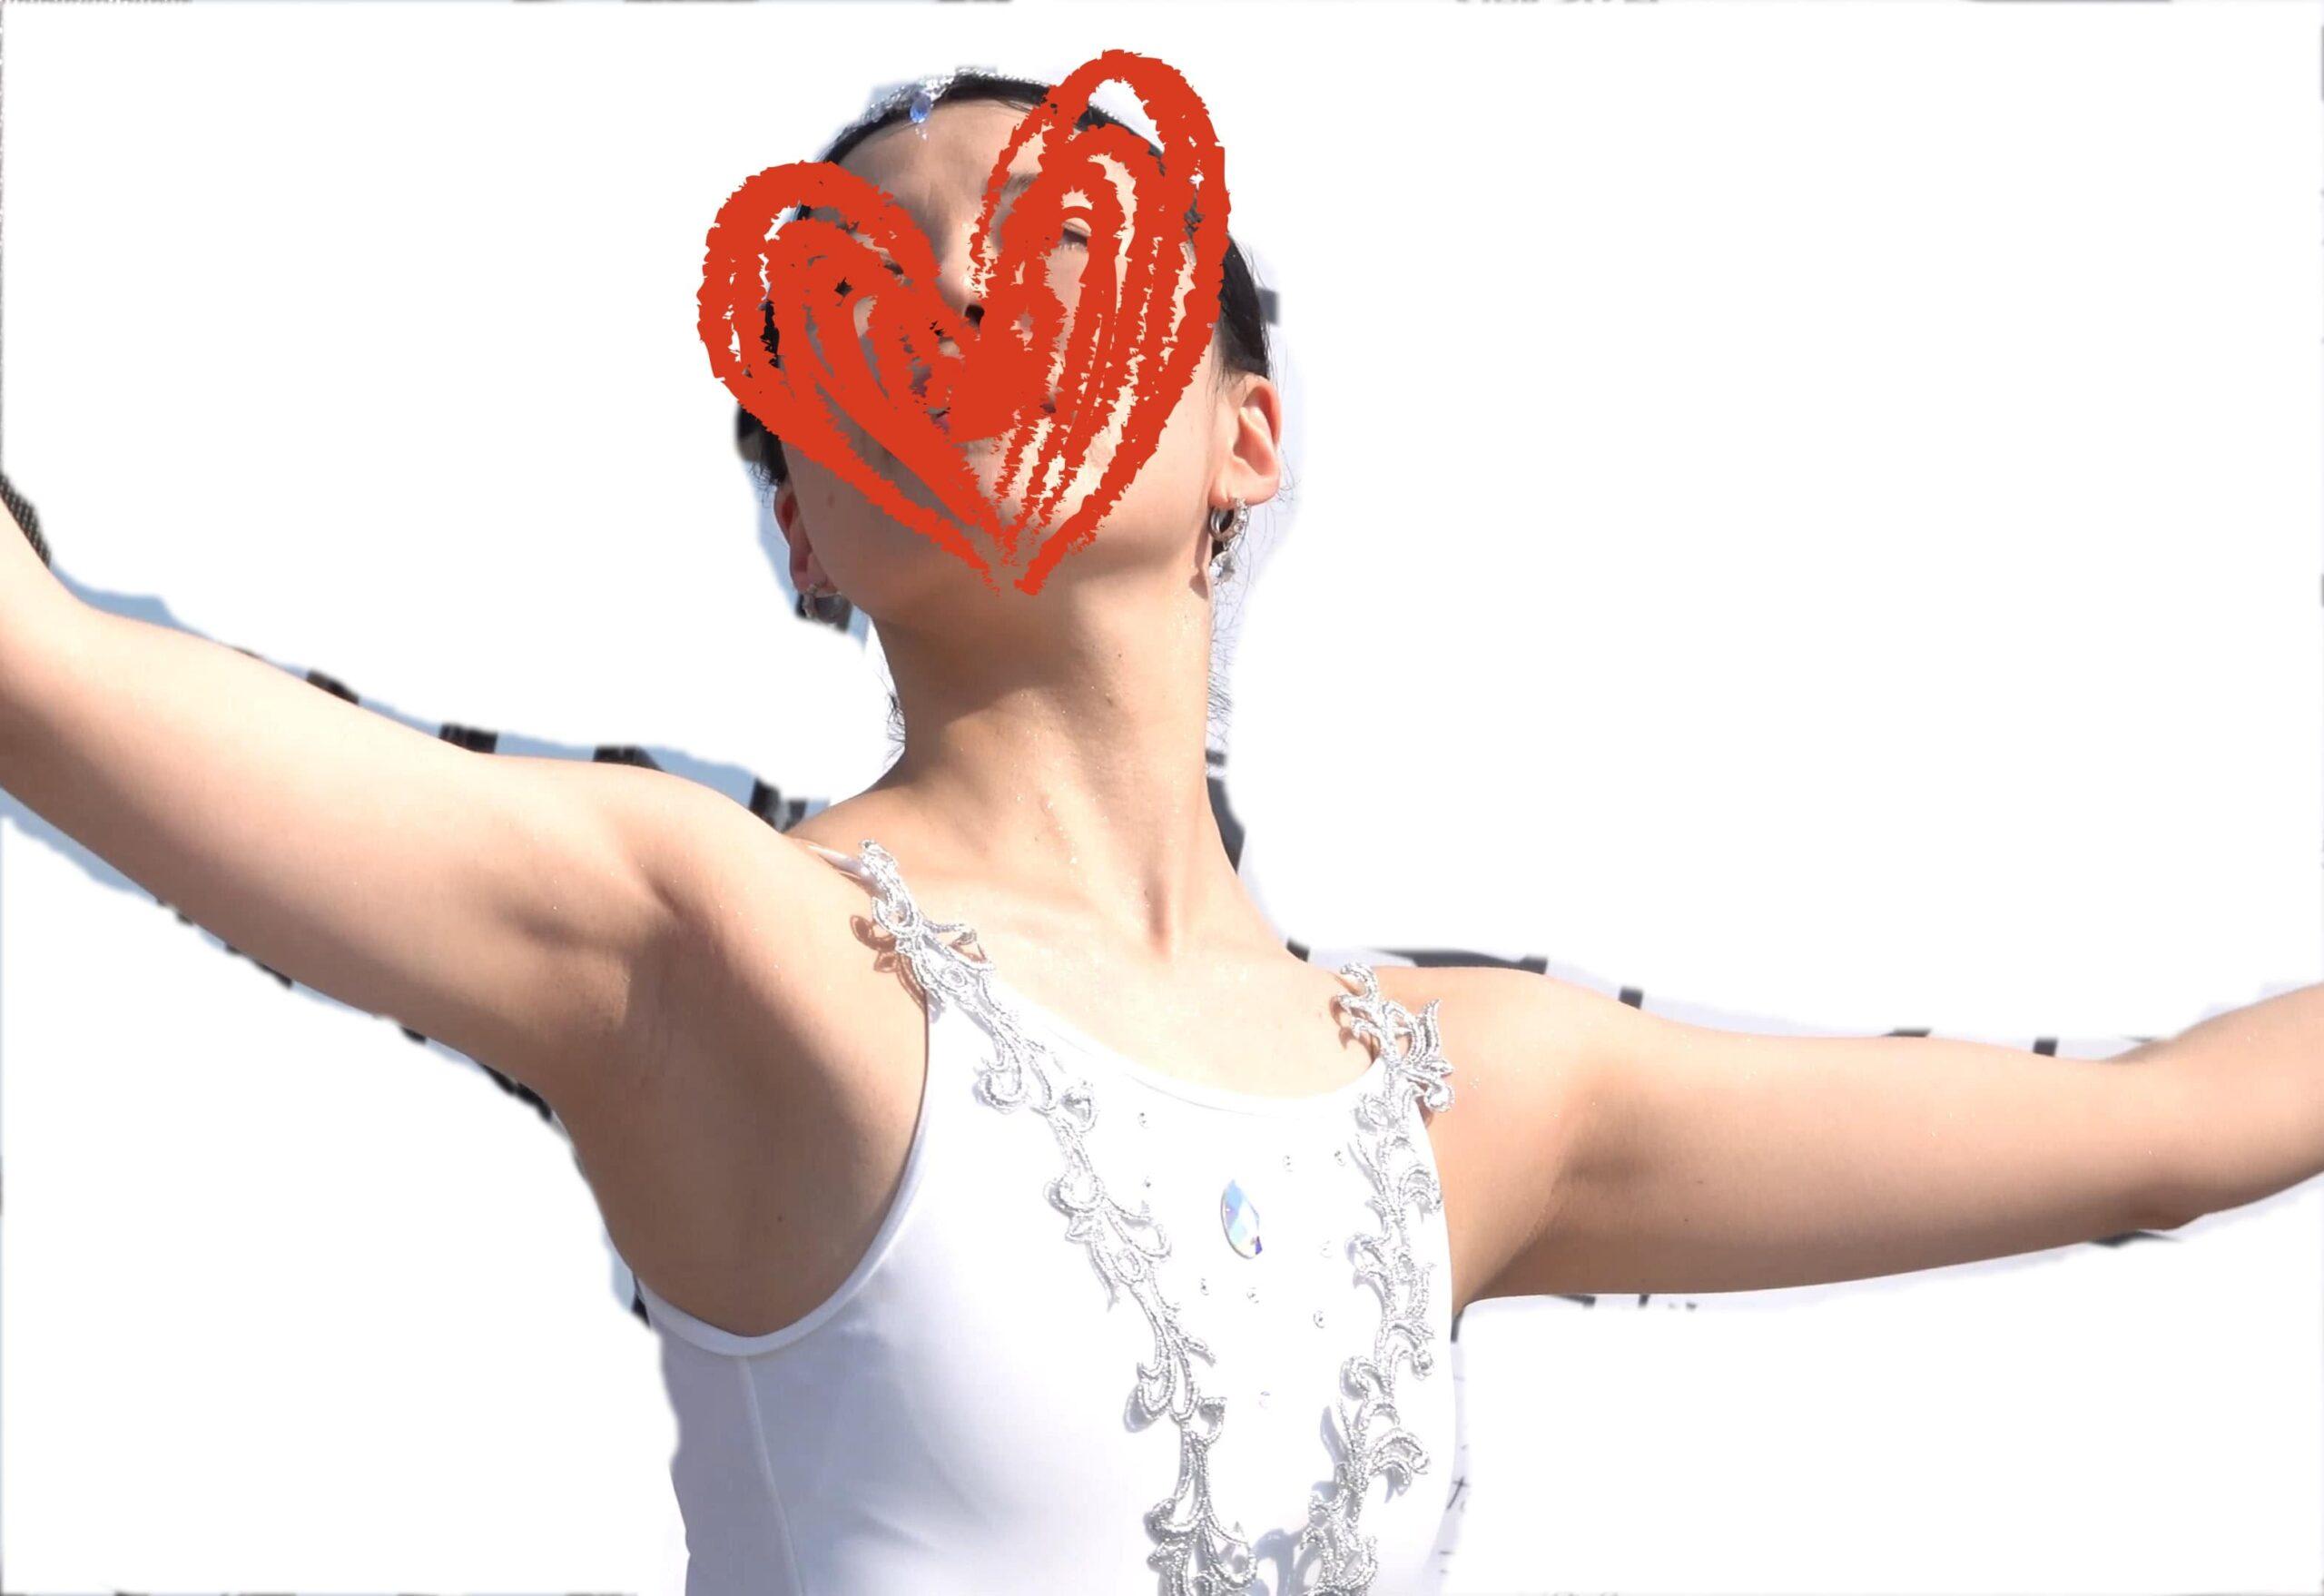 4K 超高画質 ダンス No.013画像つき詳細レビュー